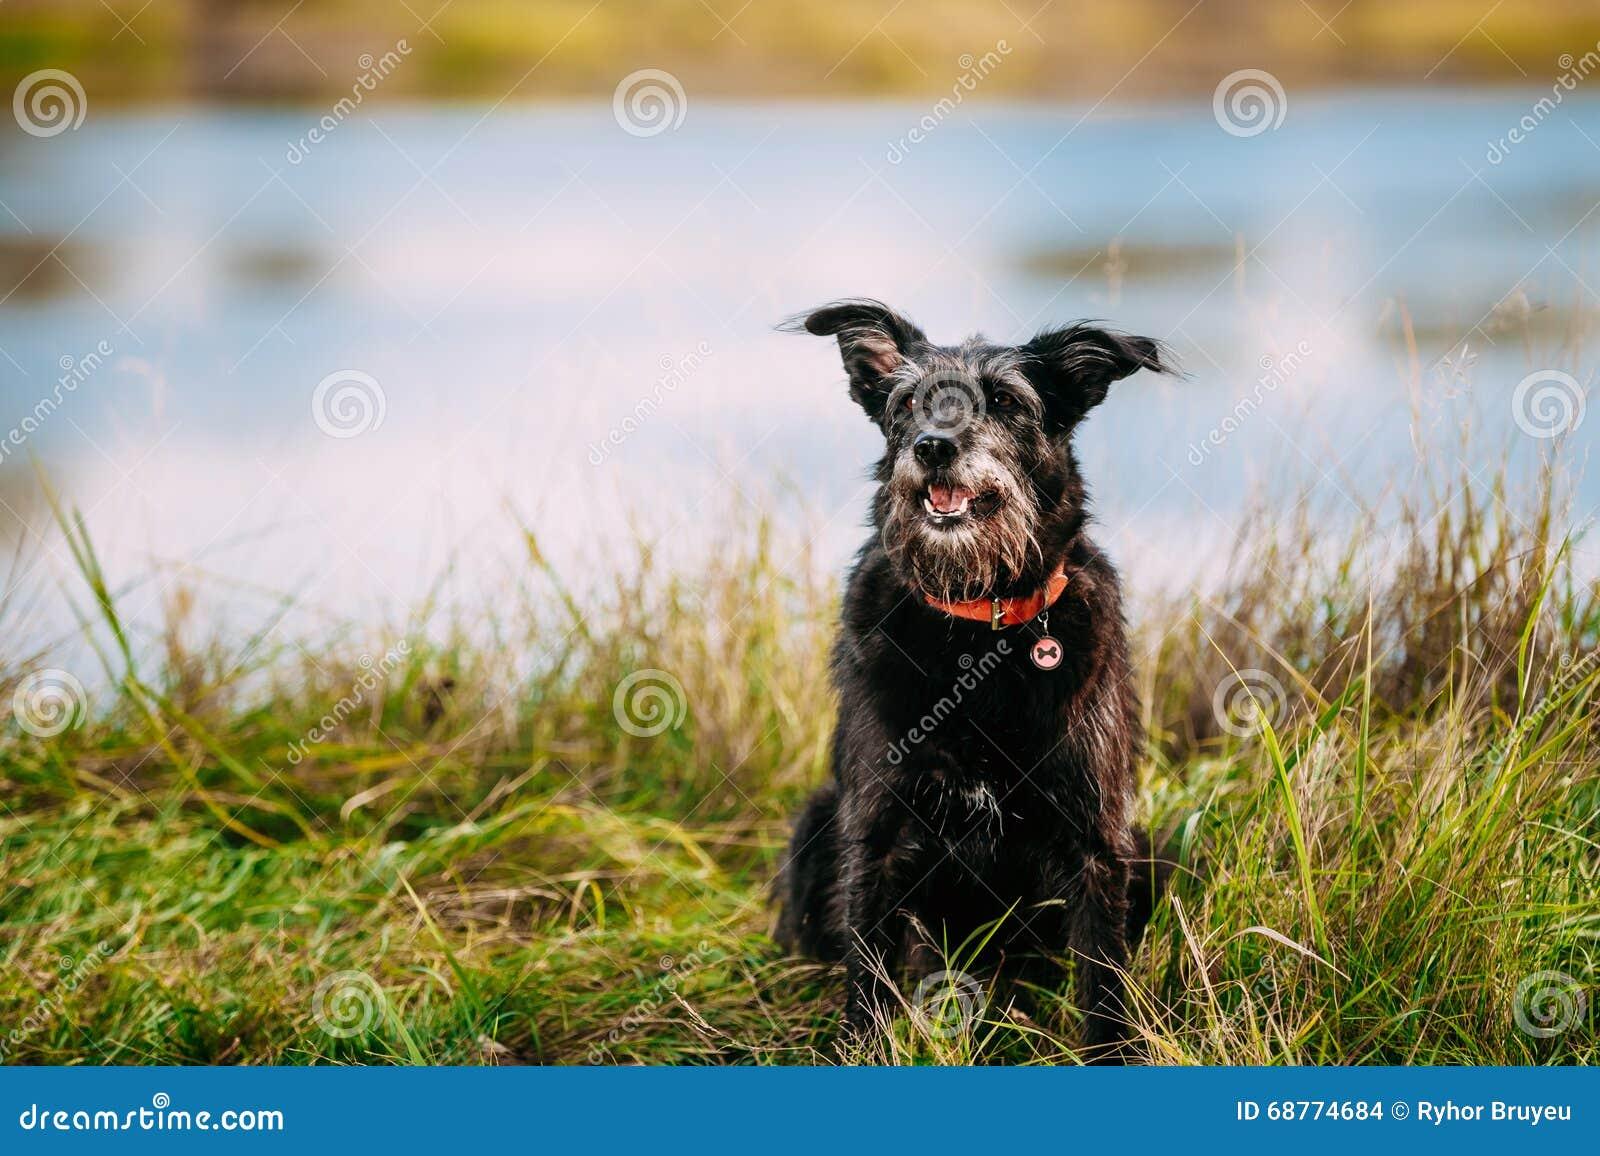 de zwarte zwarte hond van de jachthond kleine grootte in gras dichtbij rivier meer stock foto. Black Bedroom Furniture Sets. Home Design Ideas